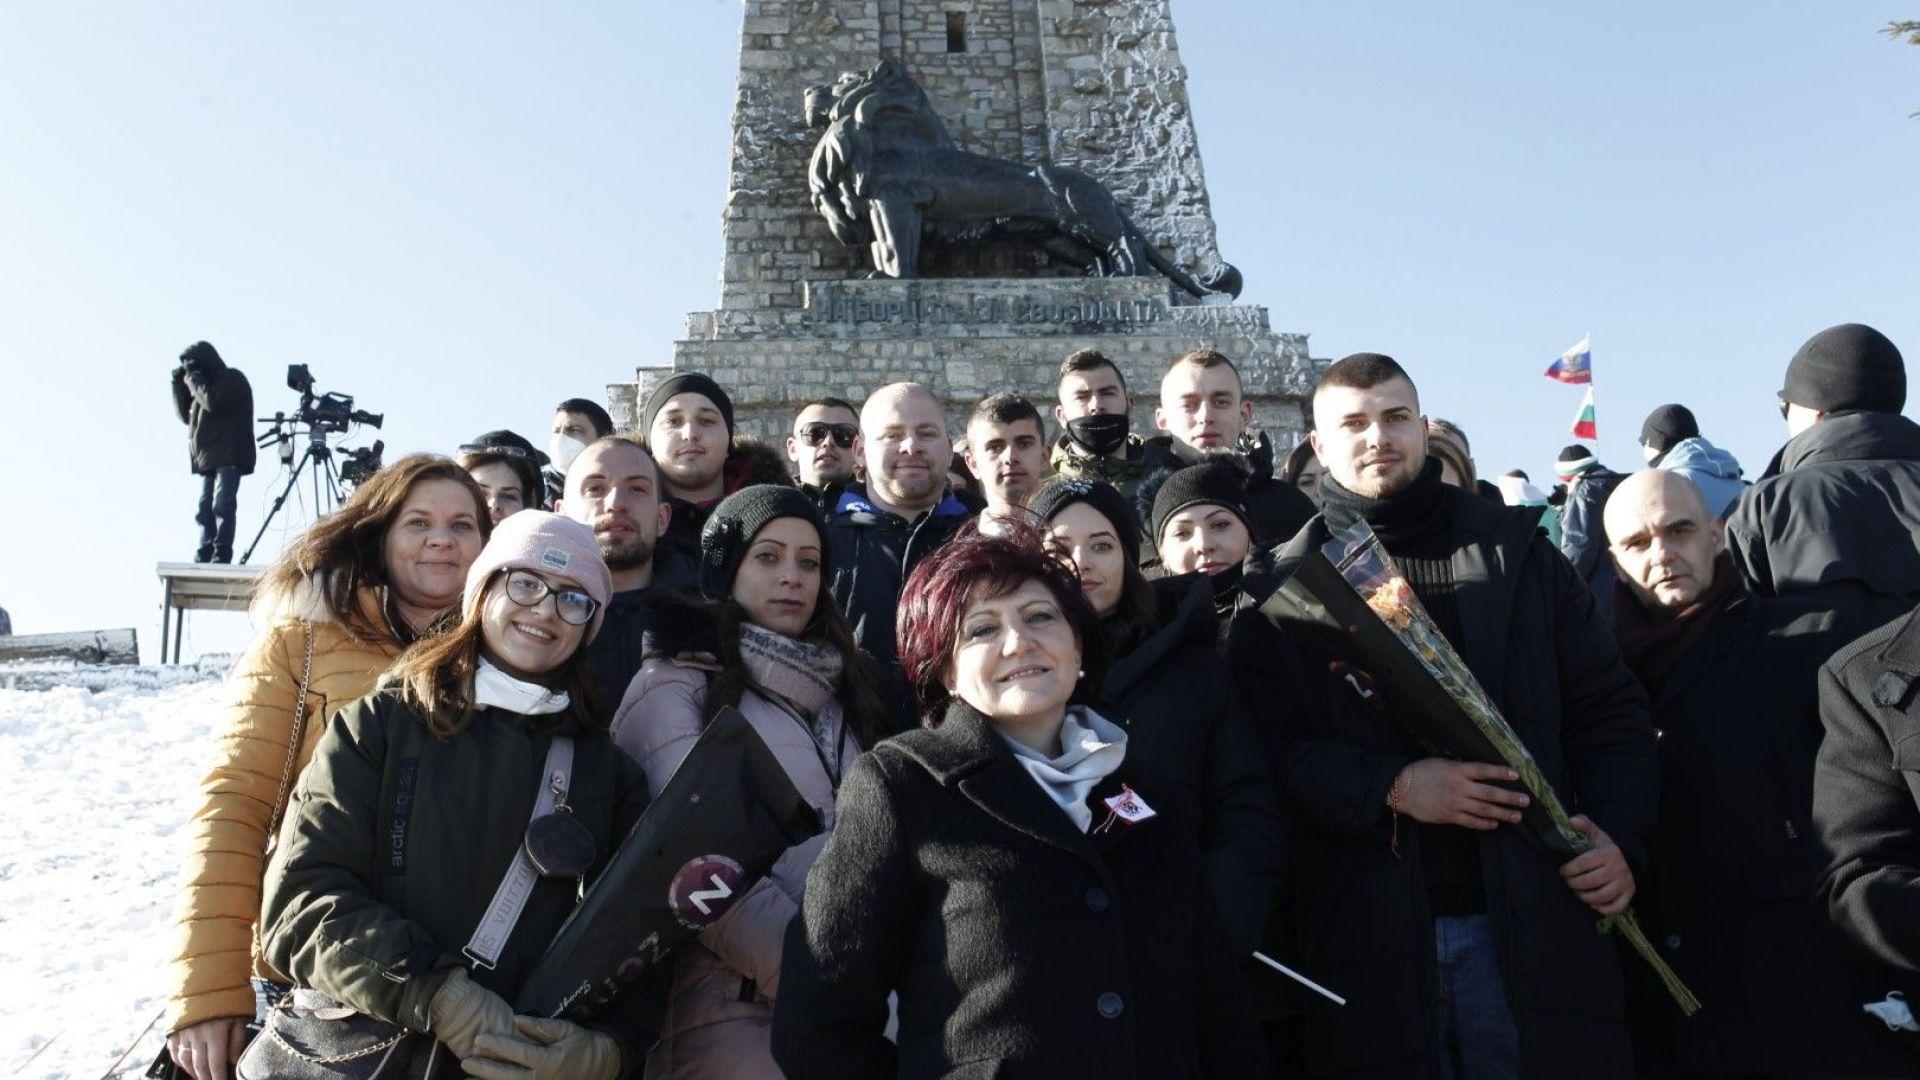 Цвета Караянчева: Изкачването на връх Шипка калява духа